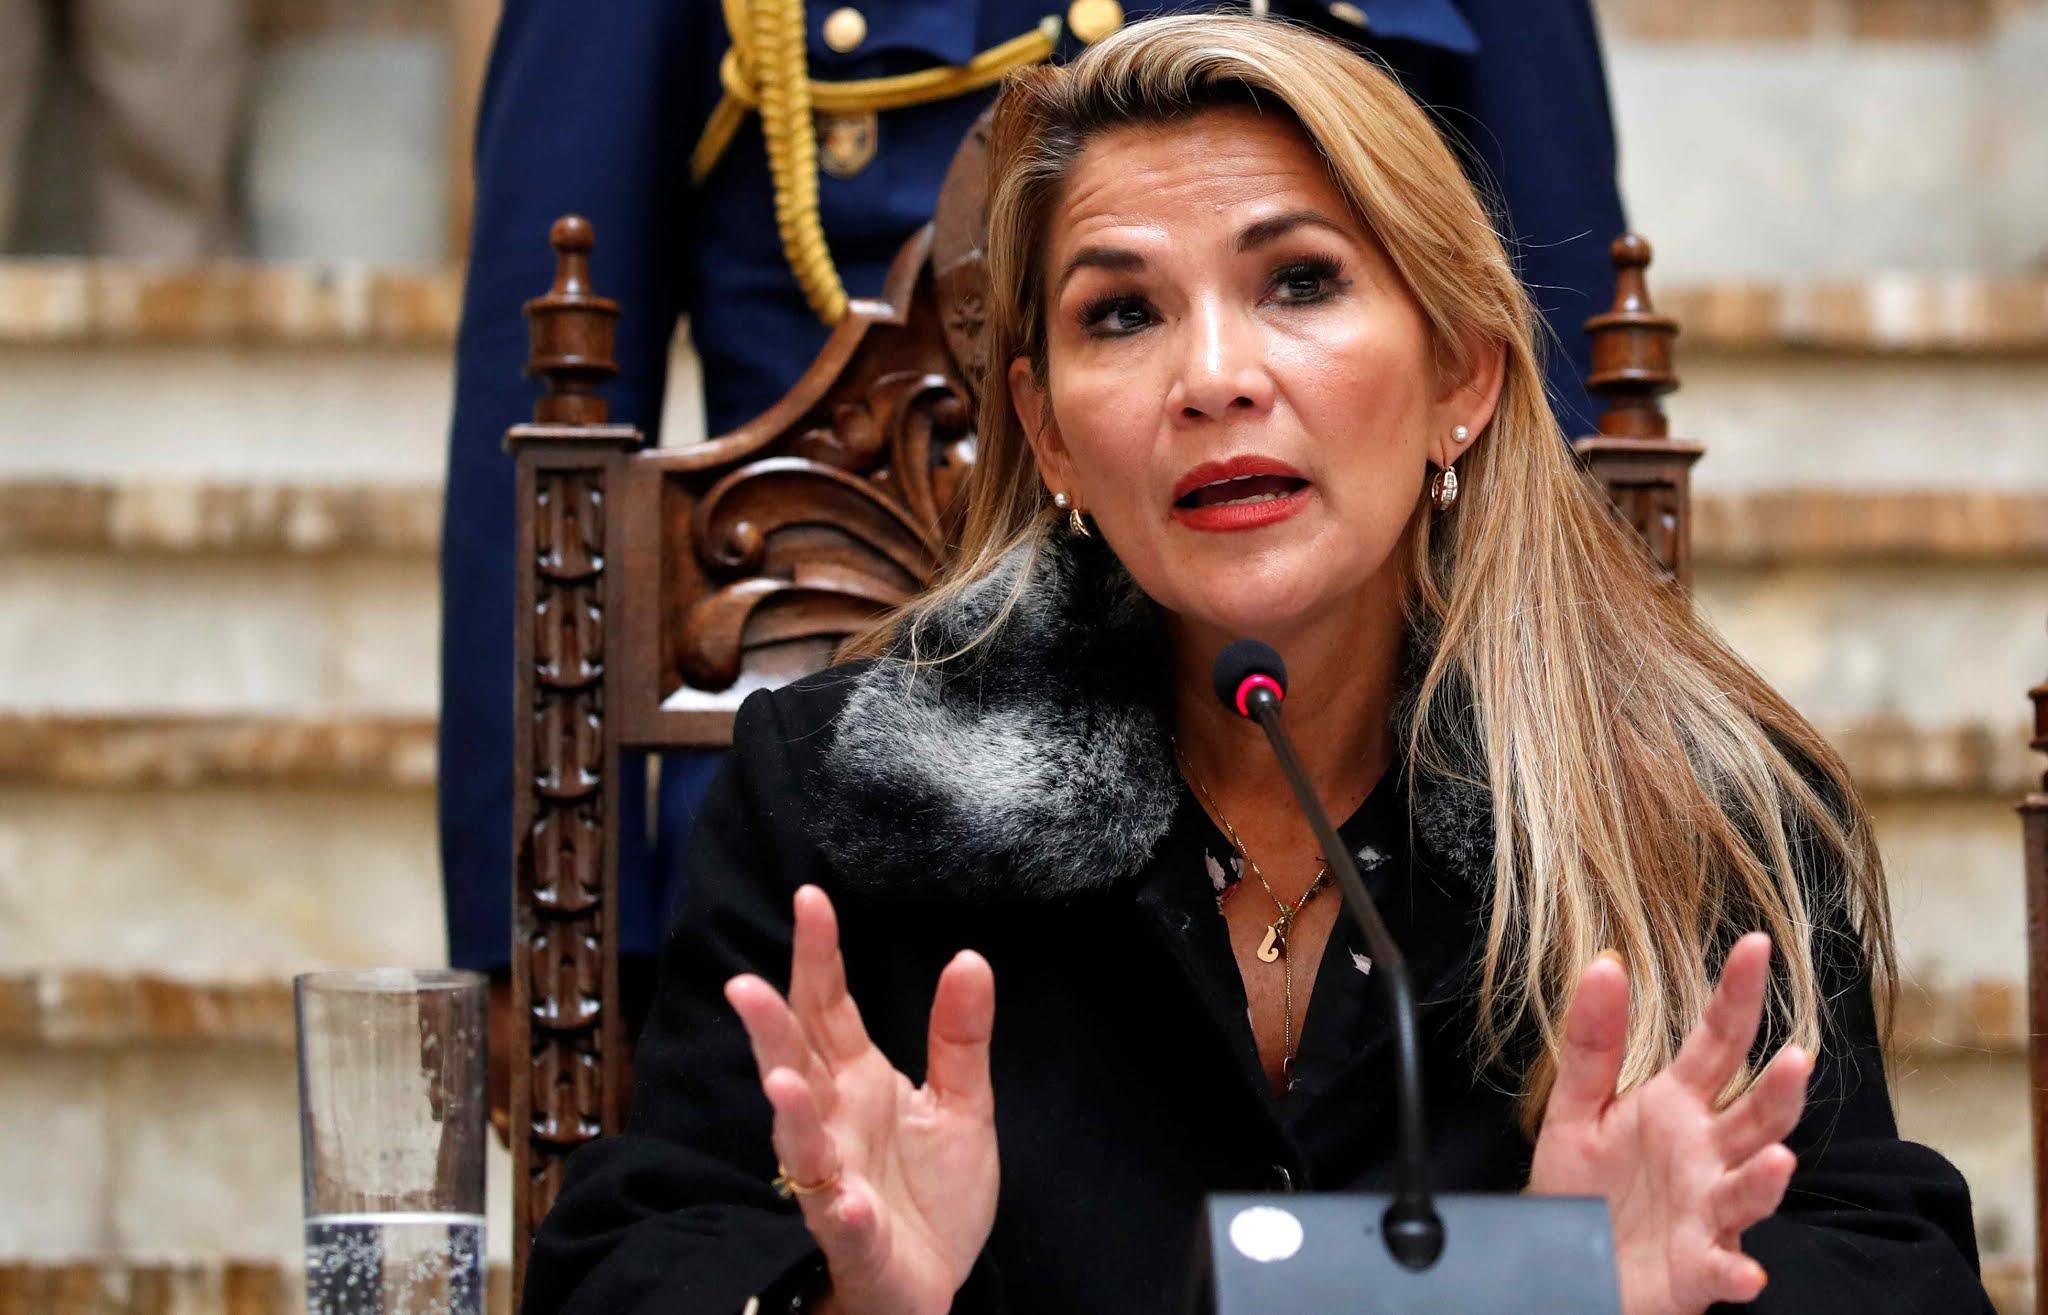 La justicia de Evo Morales detuvo a Jeanine Añez